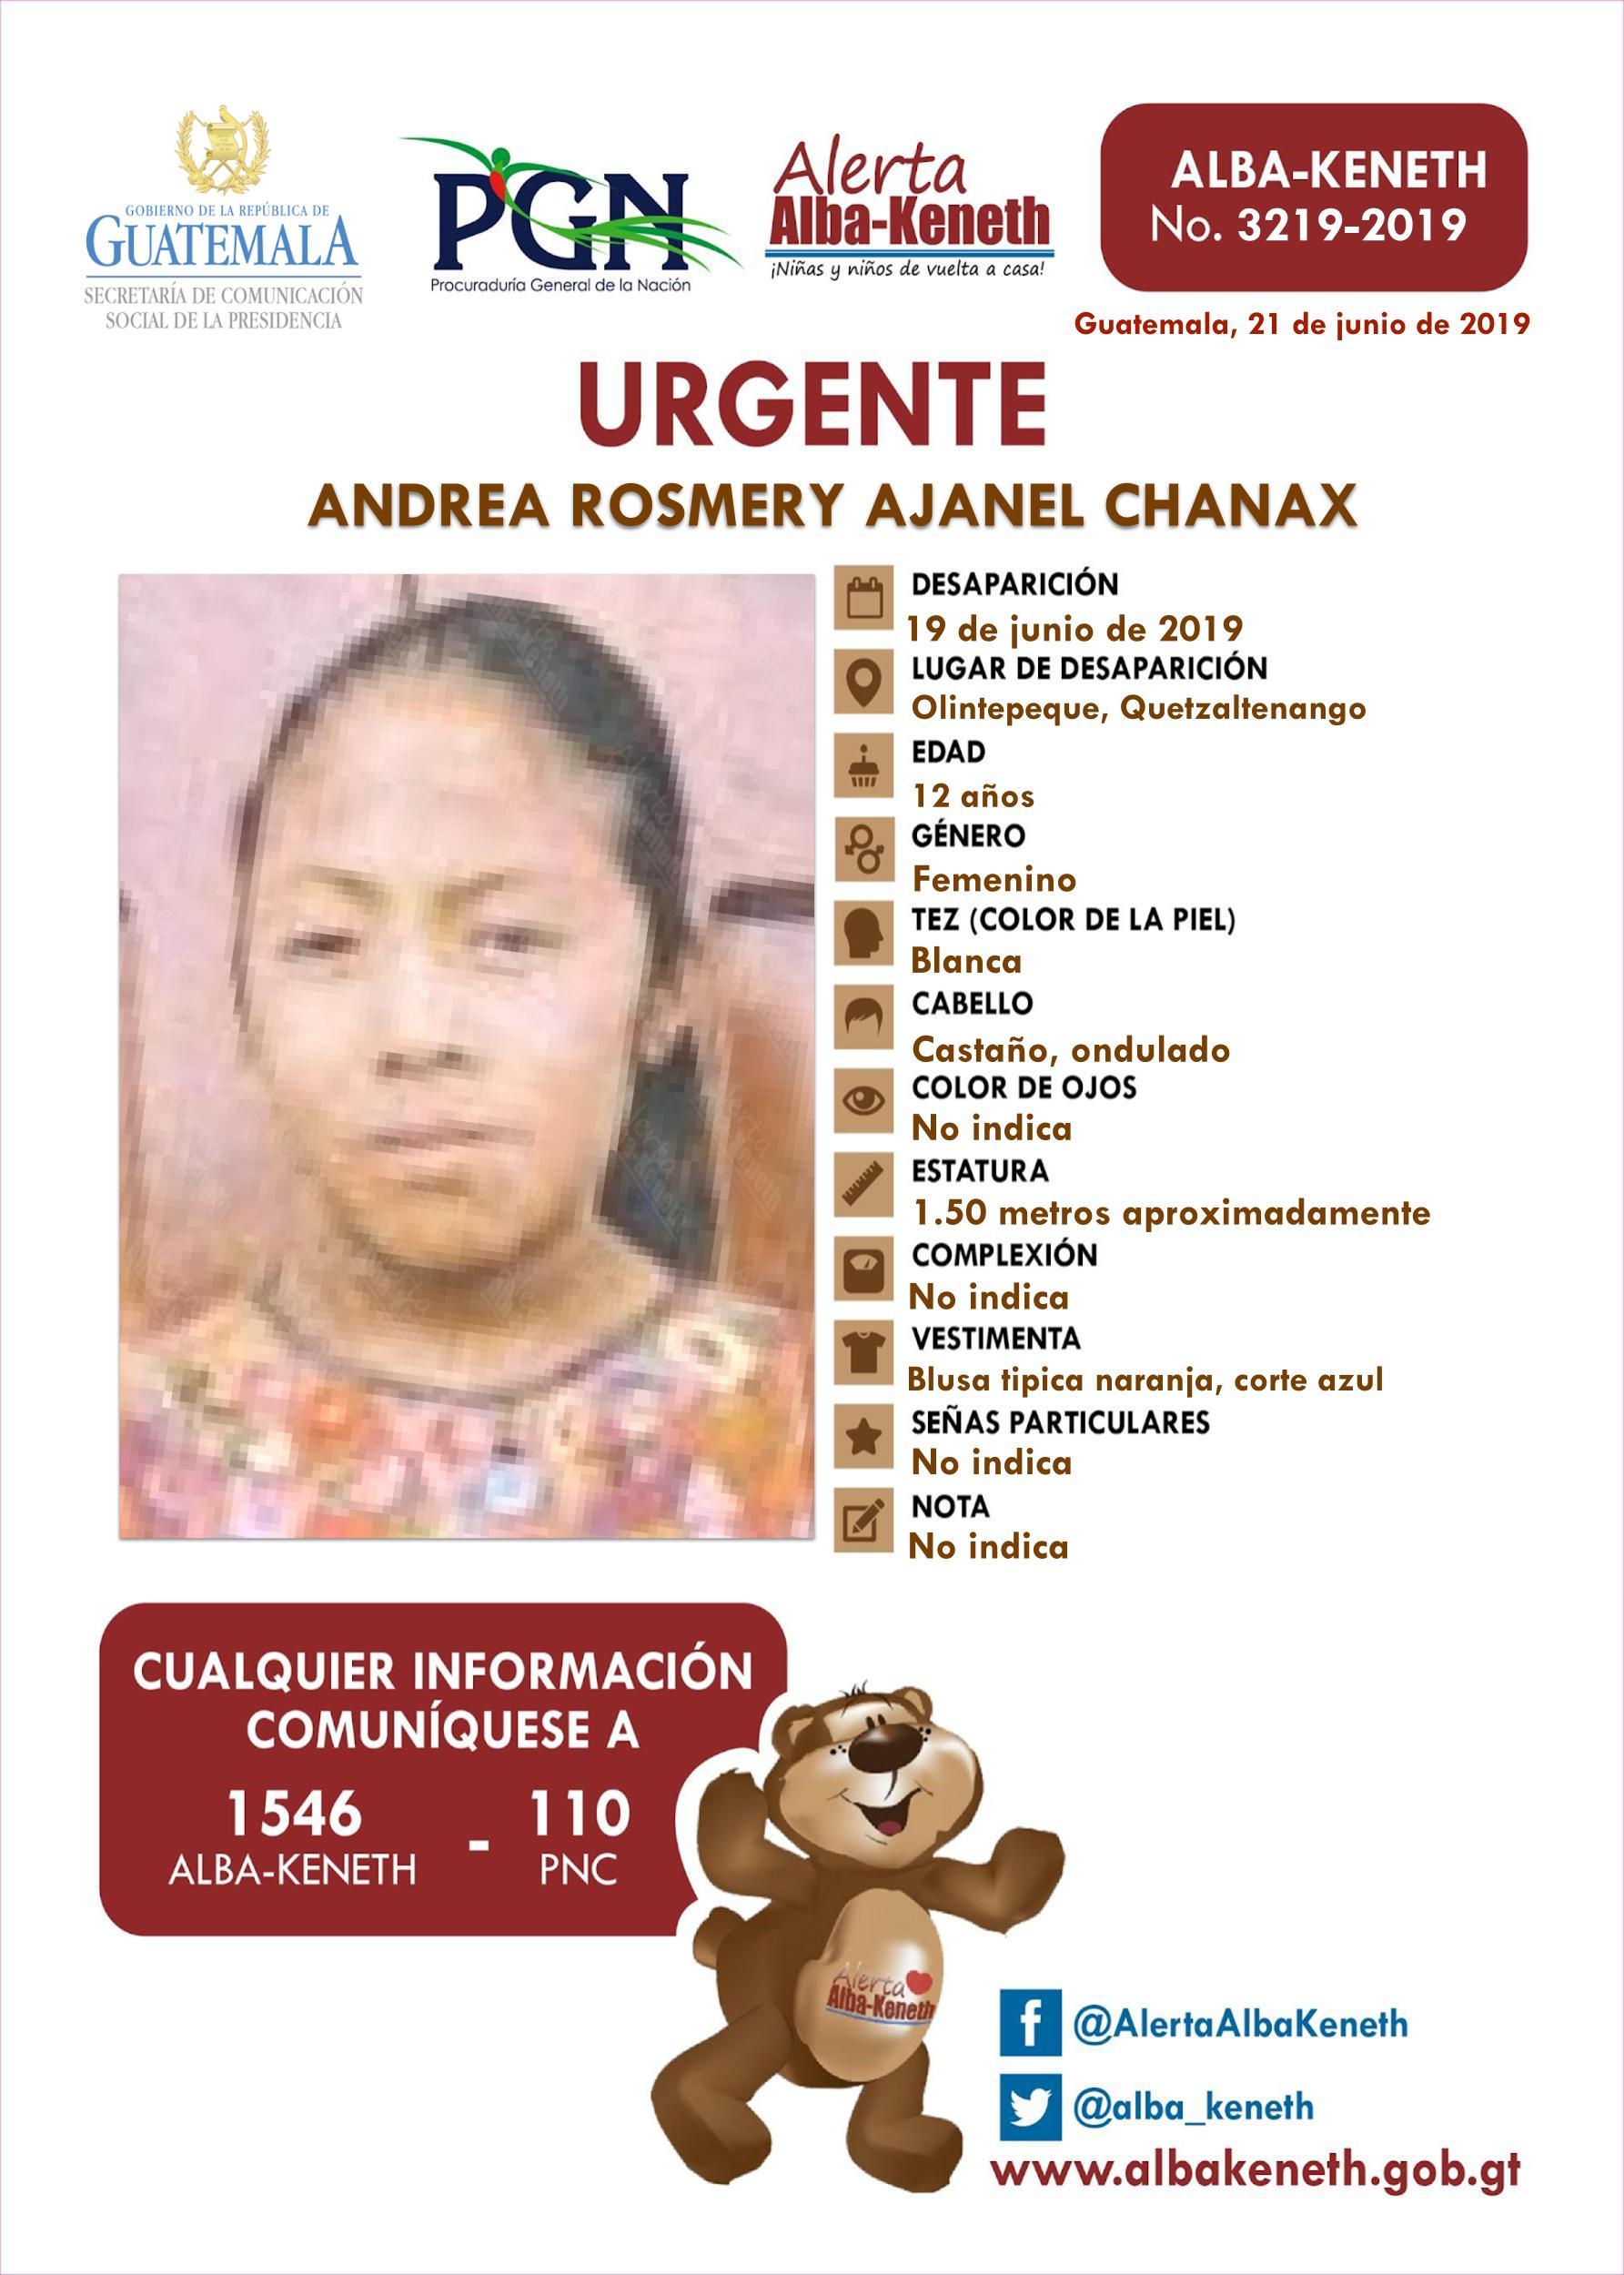 Andrea Rosmery Ajanel Chanax